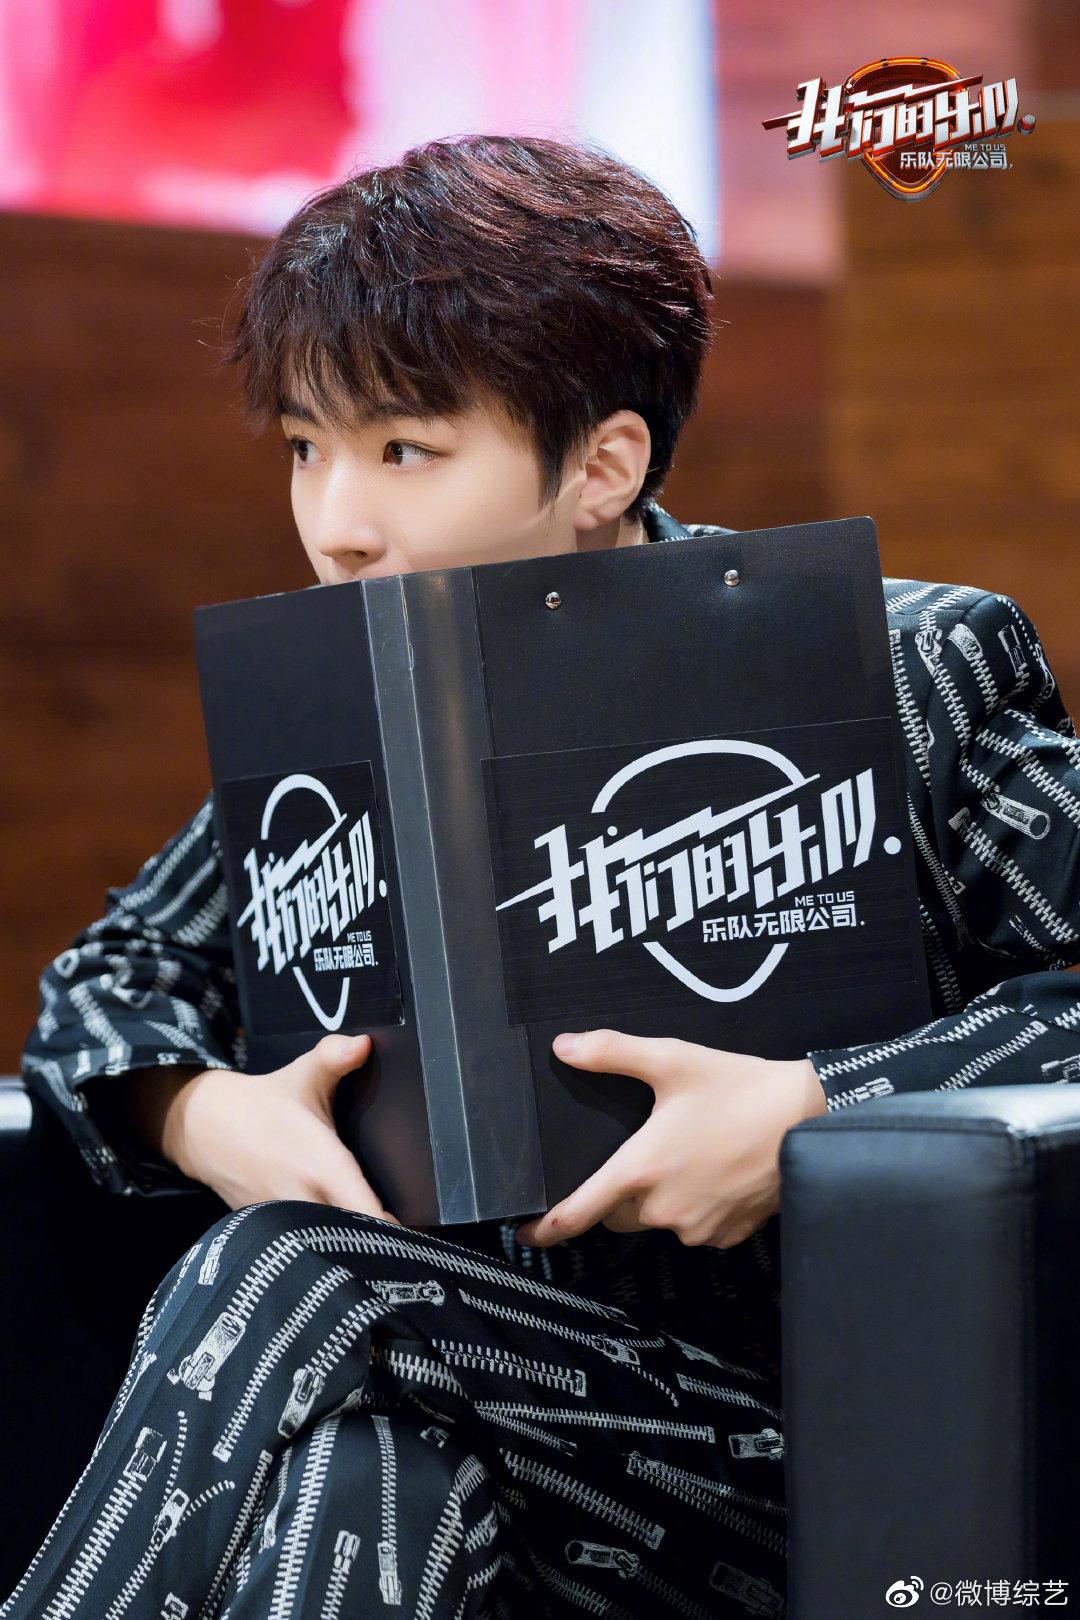 王俊凯一身拉链印花西装搭配黑色choker化身摇滚少年